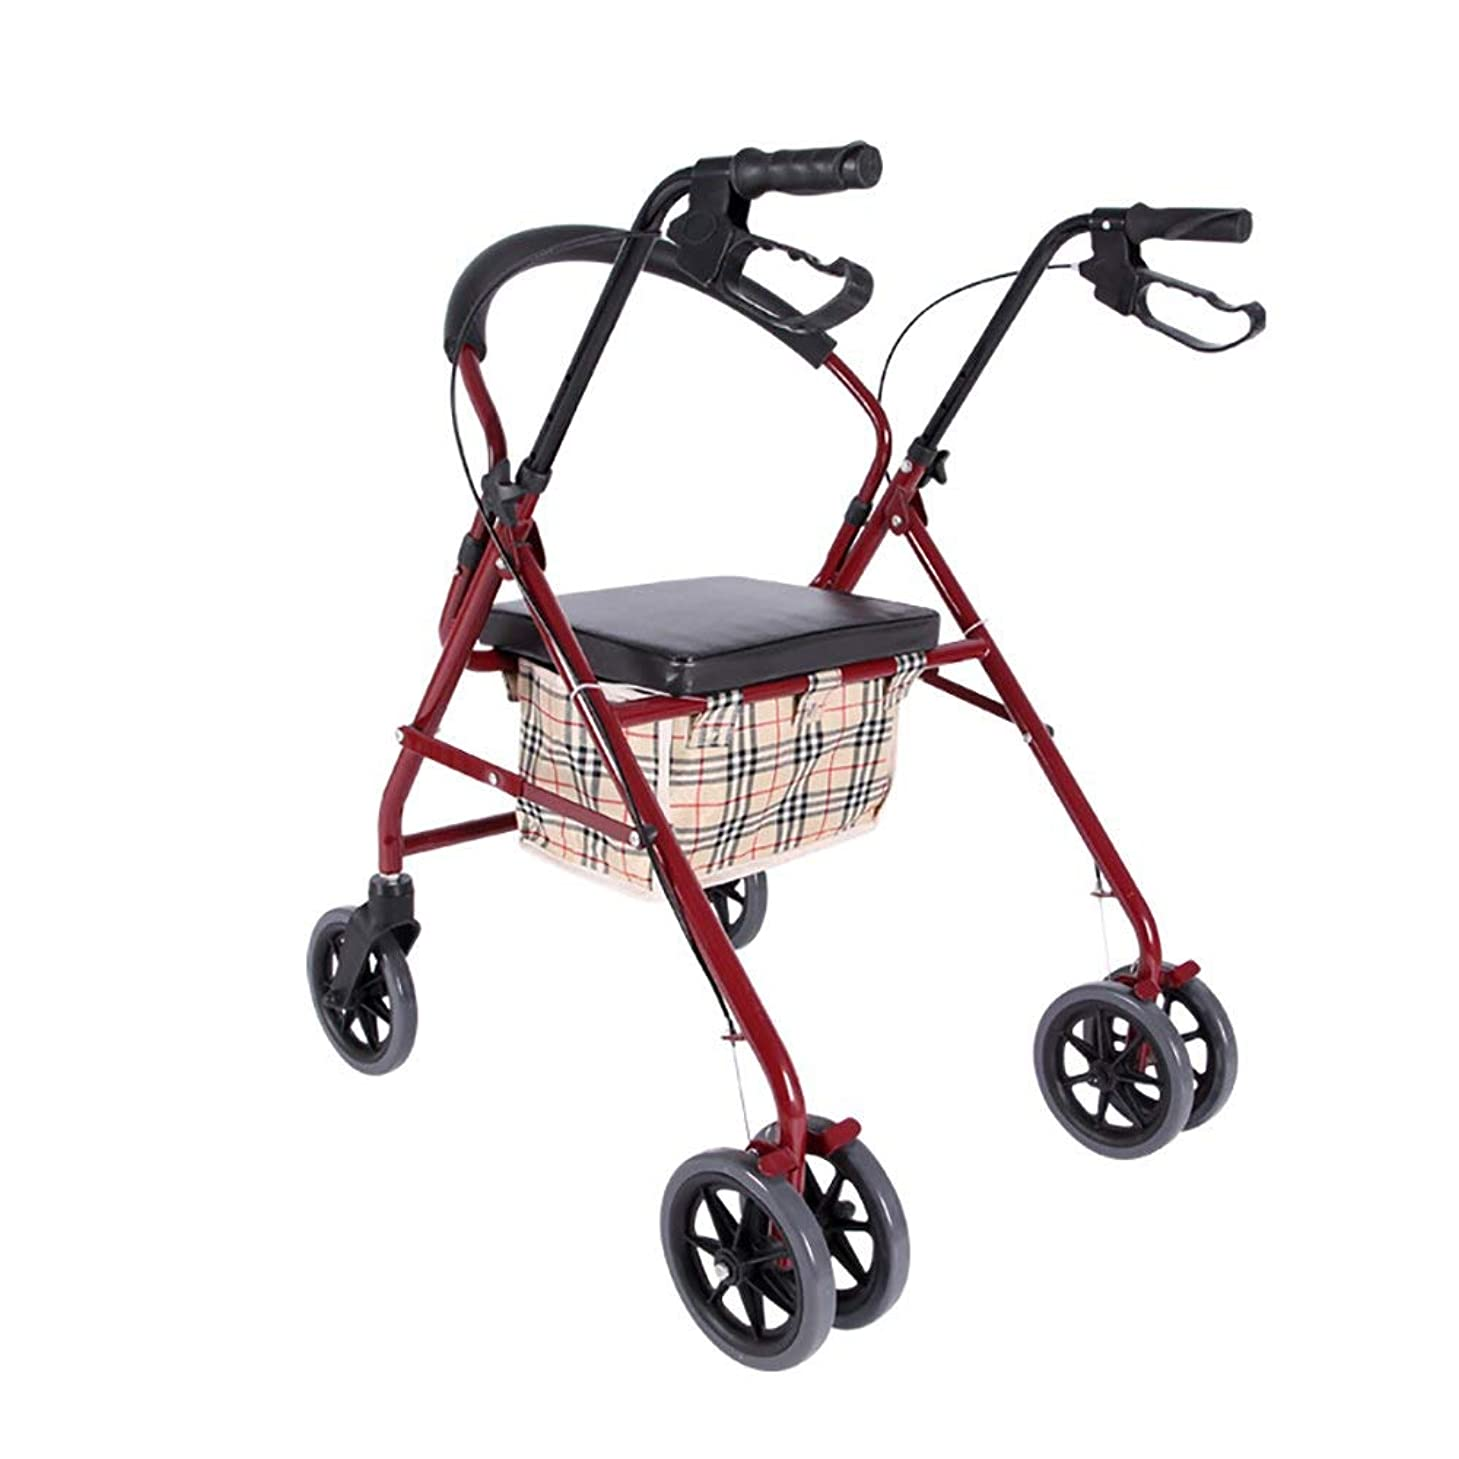 ホイールズボン効能パッド入りシート、ロック可能なブレーキ、人間工学に基づいたハンドル、キャリーバッグを備えた軽量折りたたみ式四輪歩行器ウォーカー